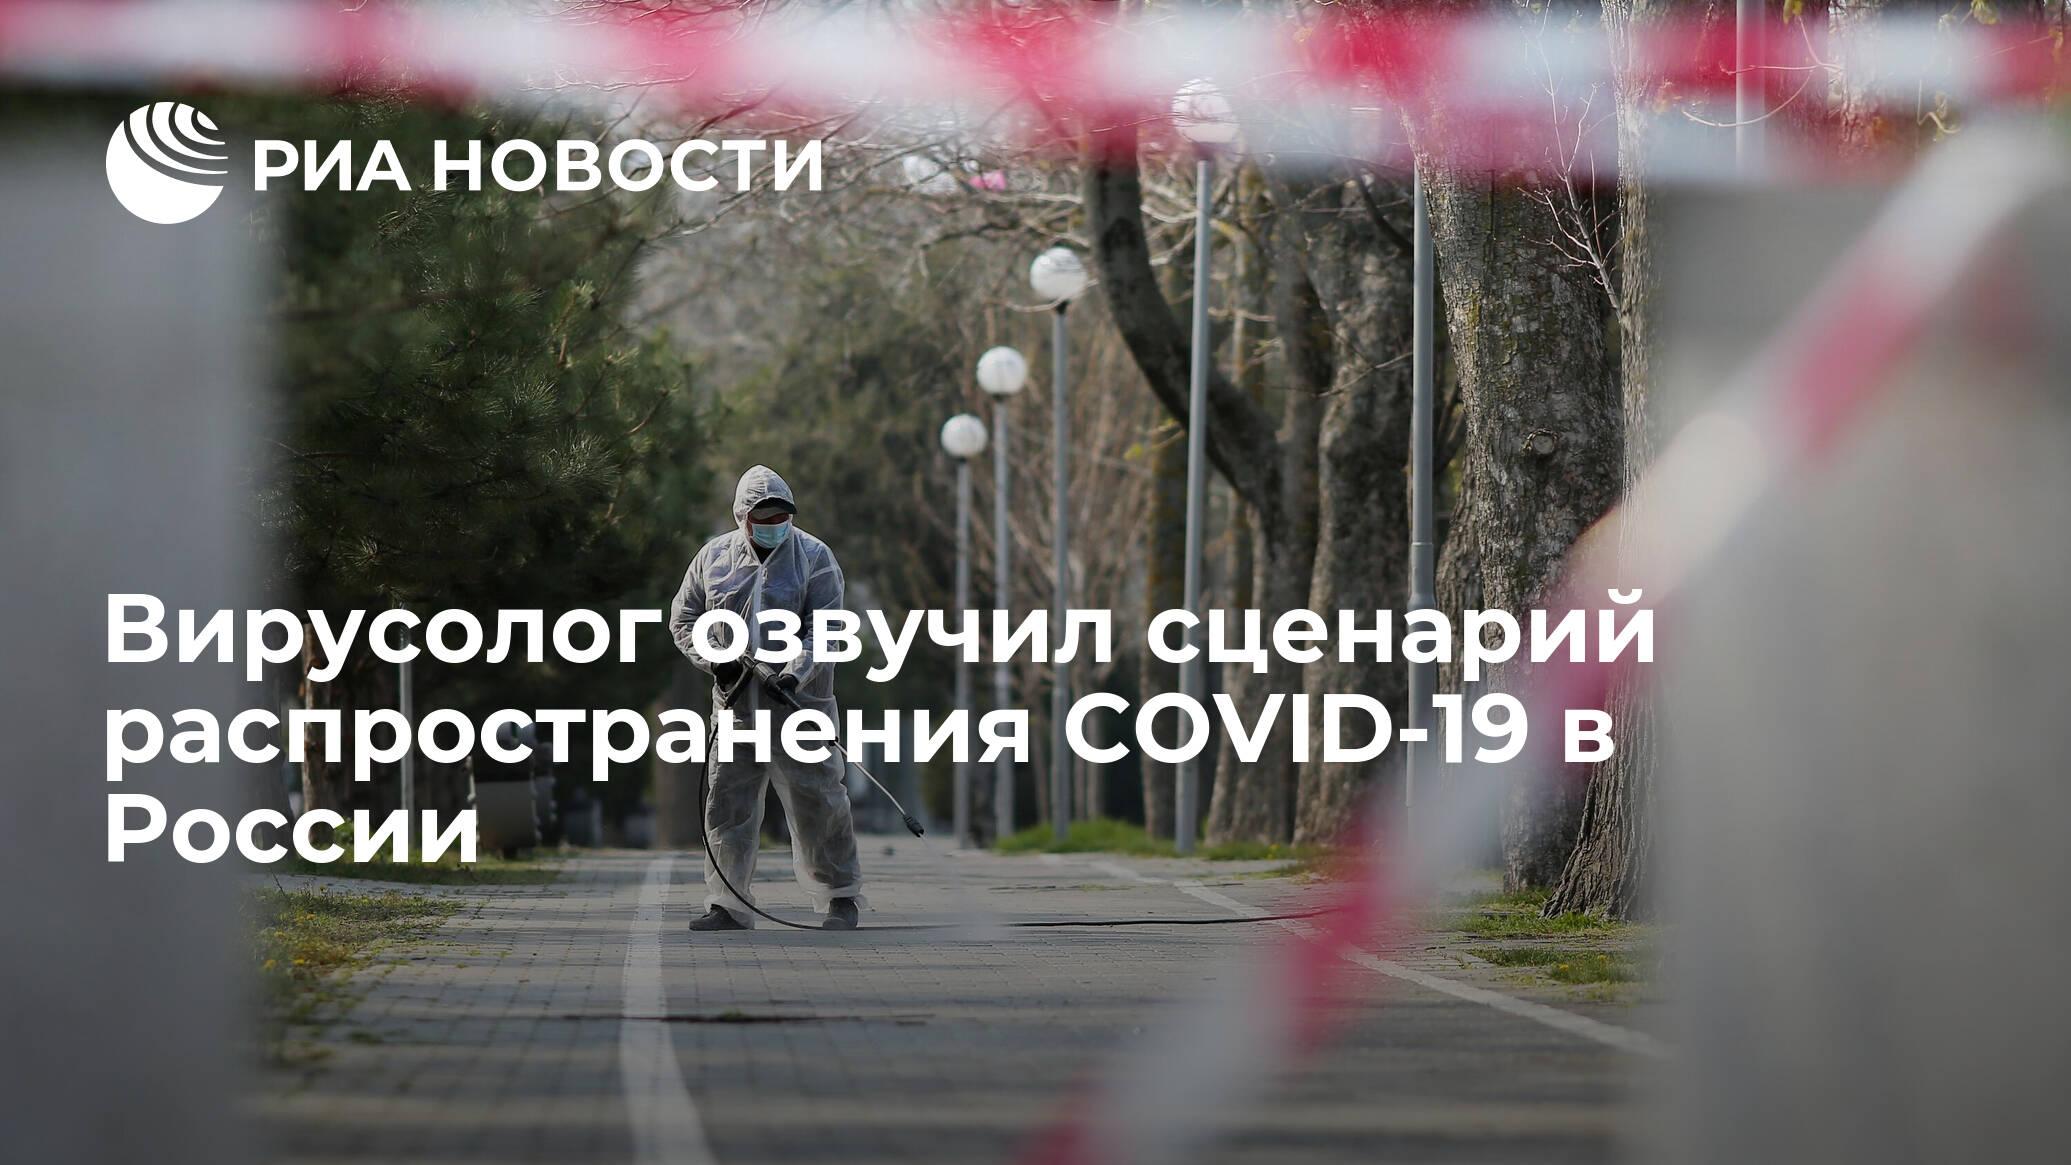 Вирусолог озвучил сценарий распространения COVID-19 в России